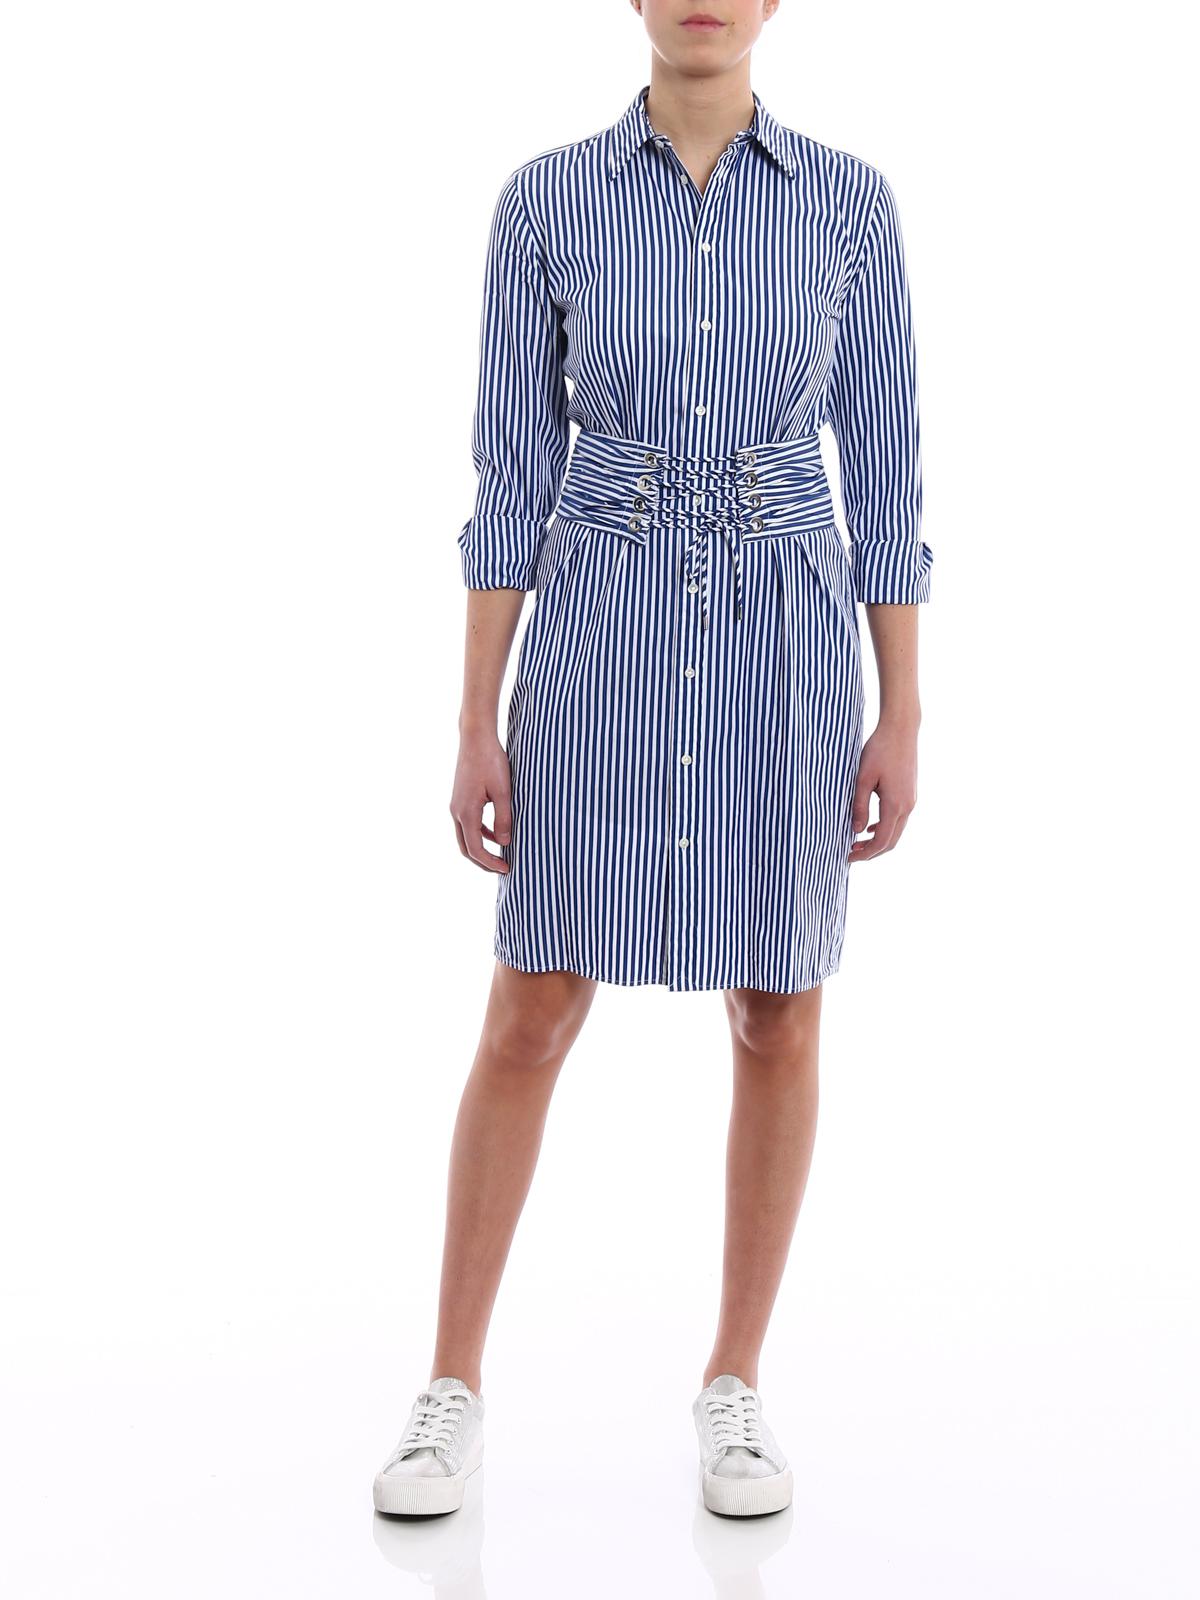 POLO RALPH LAUREN: short dresses online - Striped cotton shirt dress